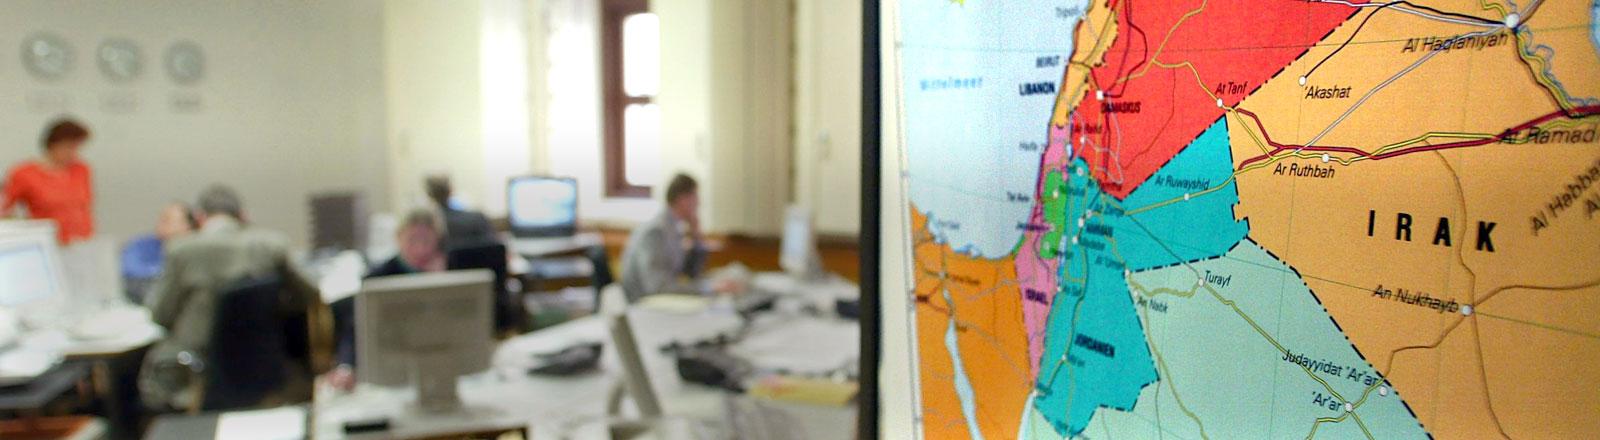 Eine Landkarte der Golfregion hängt im Krisenreaktionszentrum im Auswärtigen Amt in Berlin an der Wand, während Mitarbeiter des Sonderstabes Irak an ihren Arbeitsplätzen sitzen.